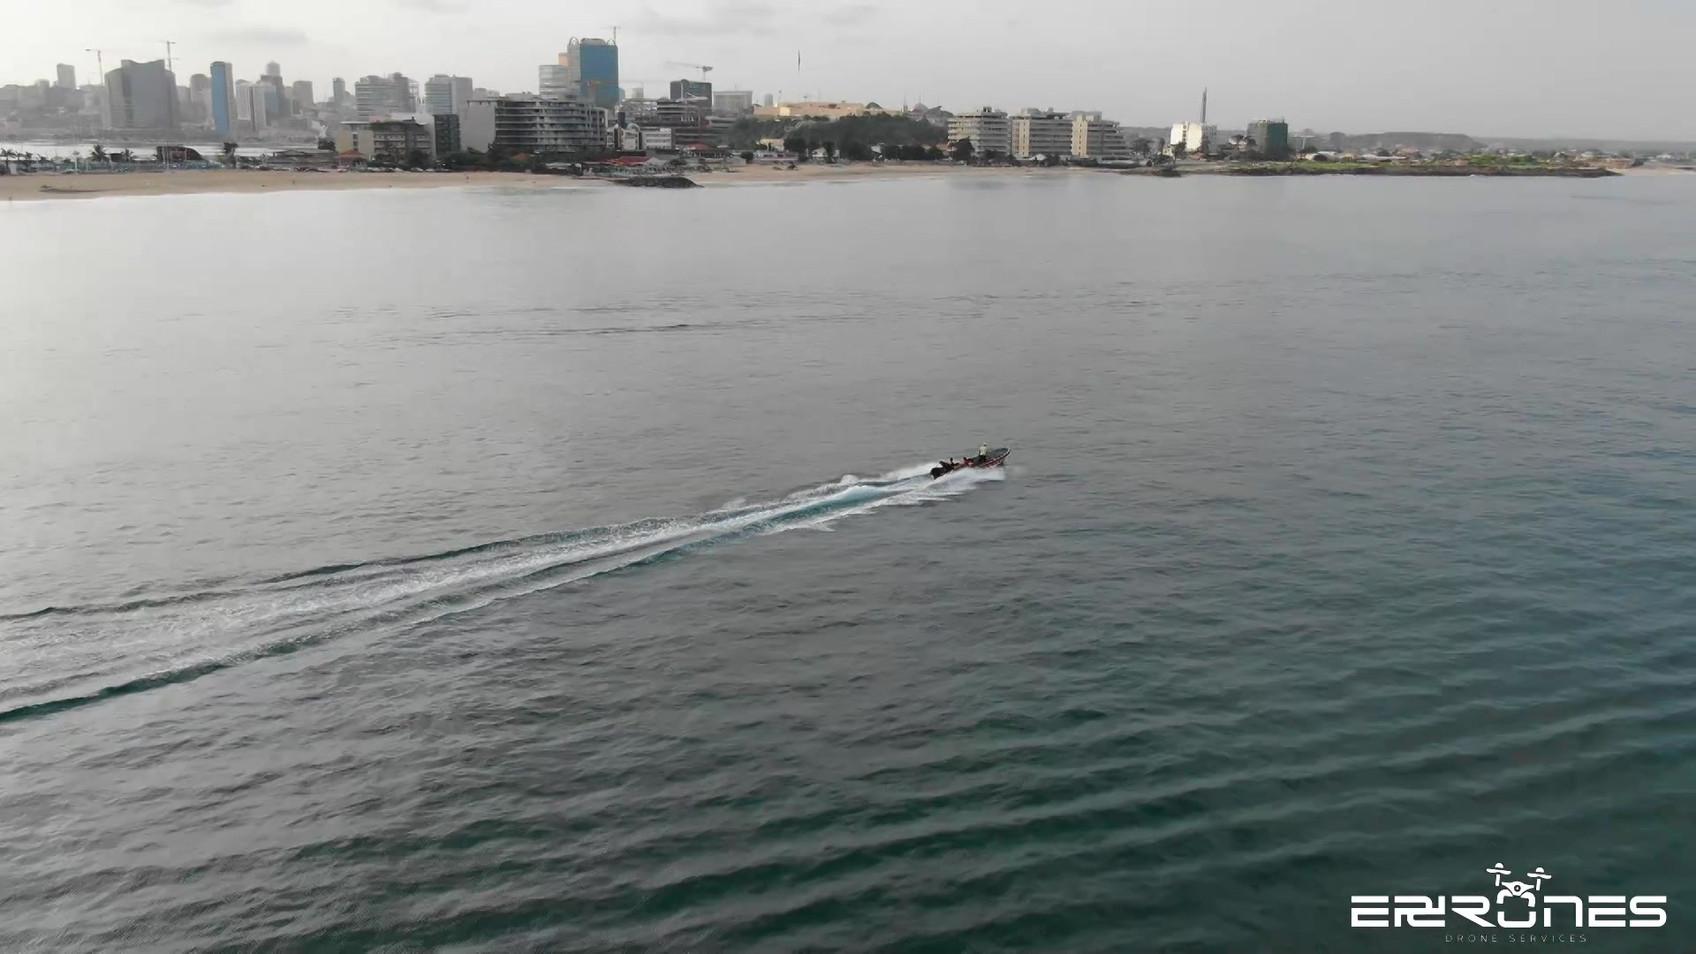 Barcos em movimento